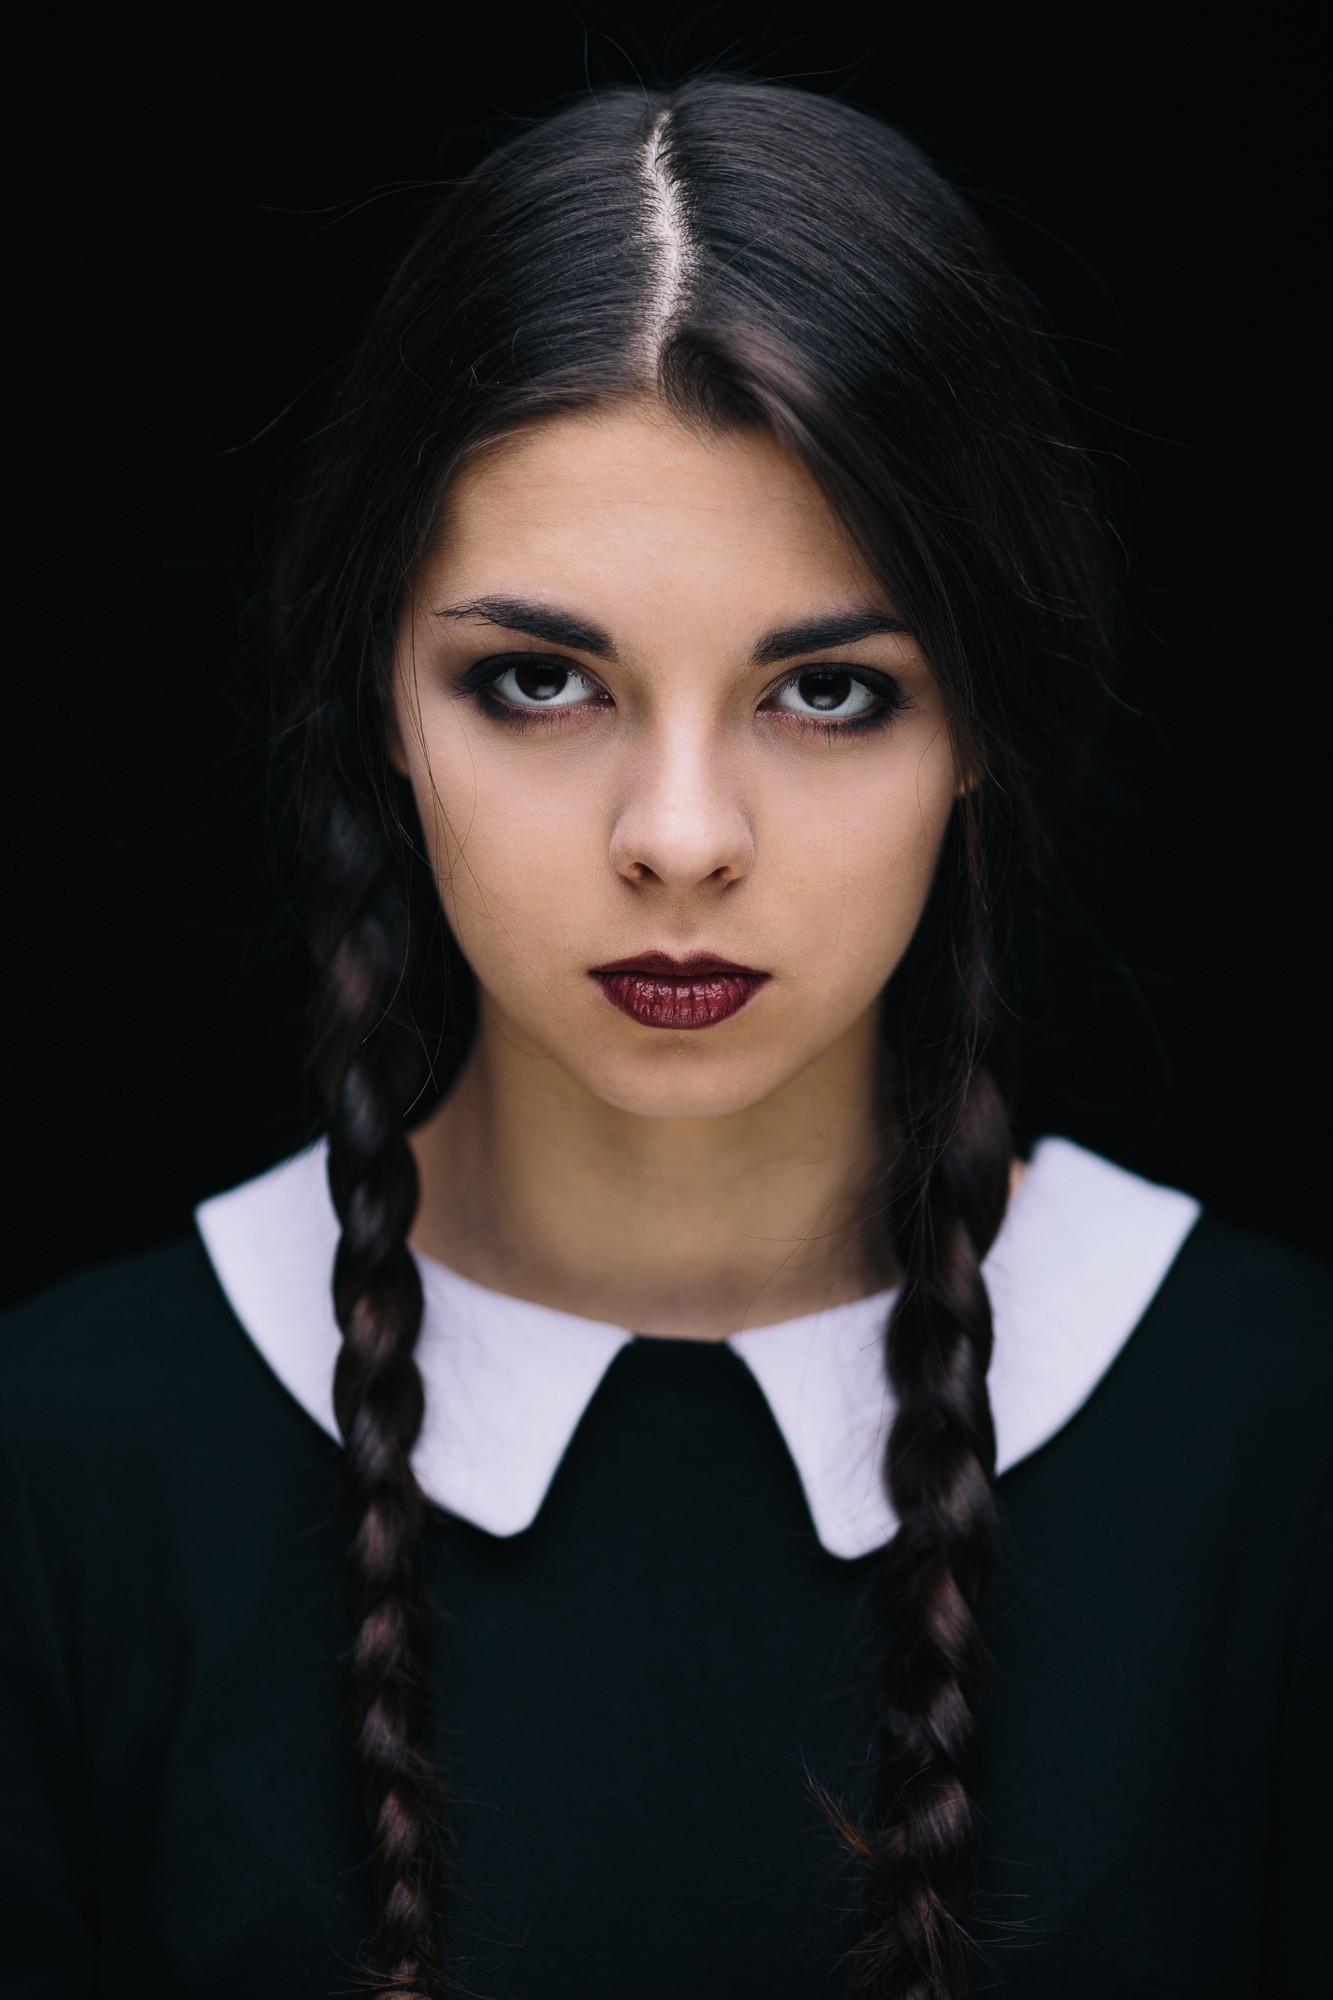 Портреты - 48